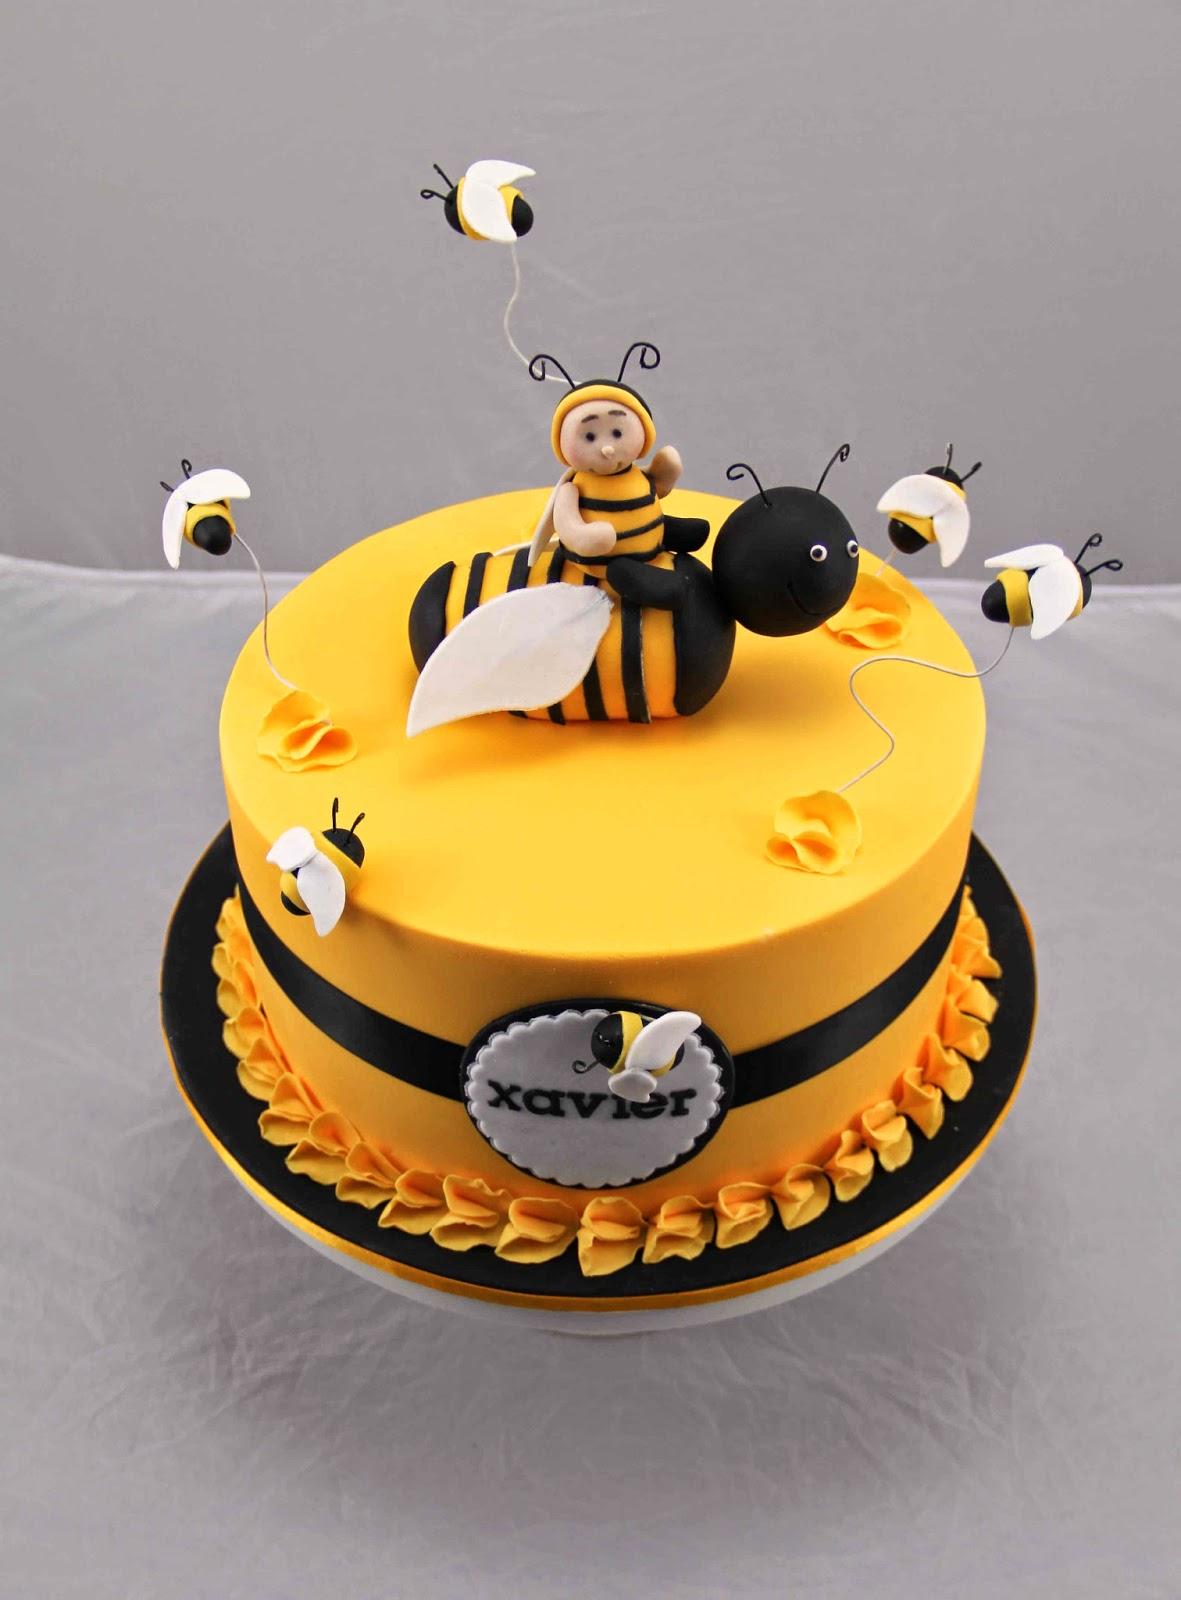 Marvelous 10 Happy Birthday Queen Bee Cakes Photo Happy Birthday Queen Bee Funny Birthday Cards Online Inifofree Goldxyz